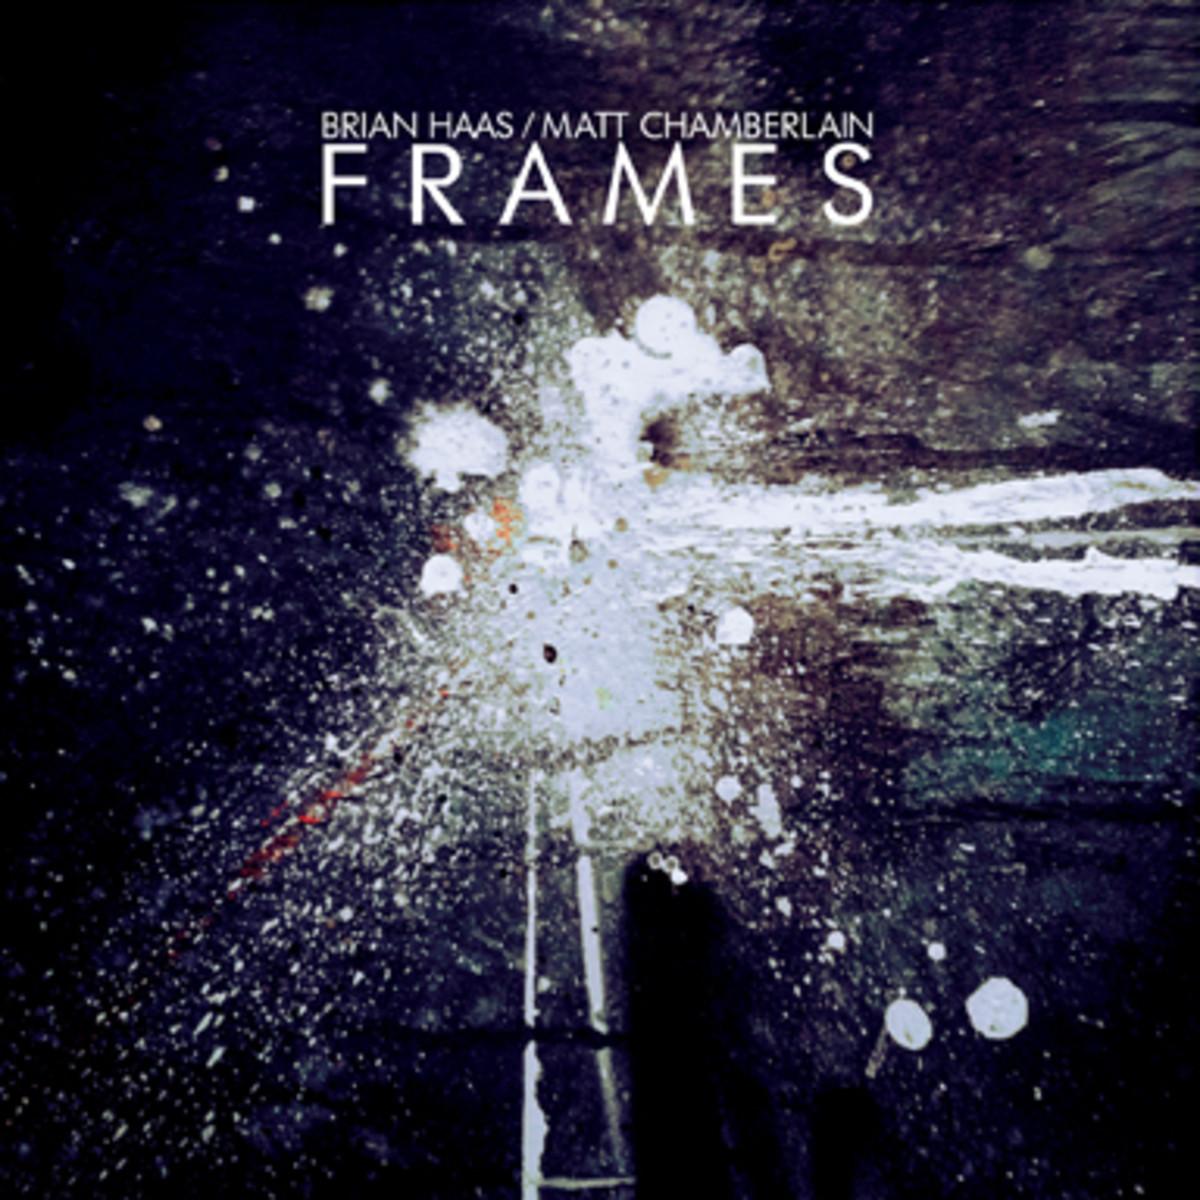 Brian Haas and Matt Chamberlain Frames